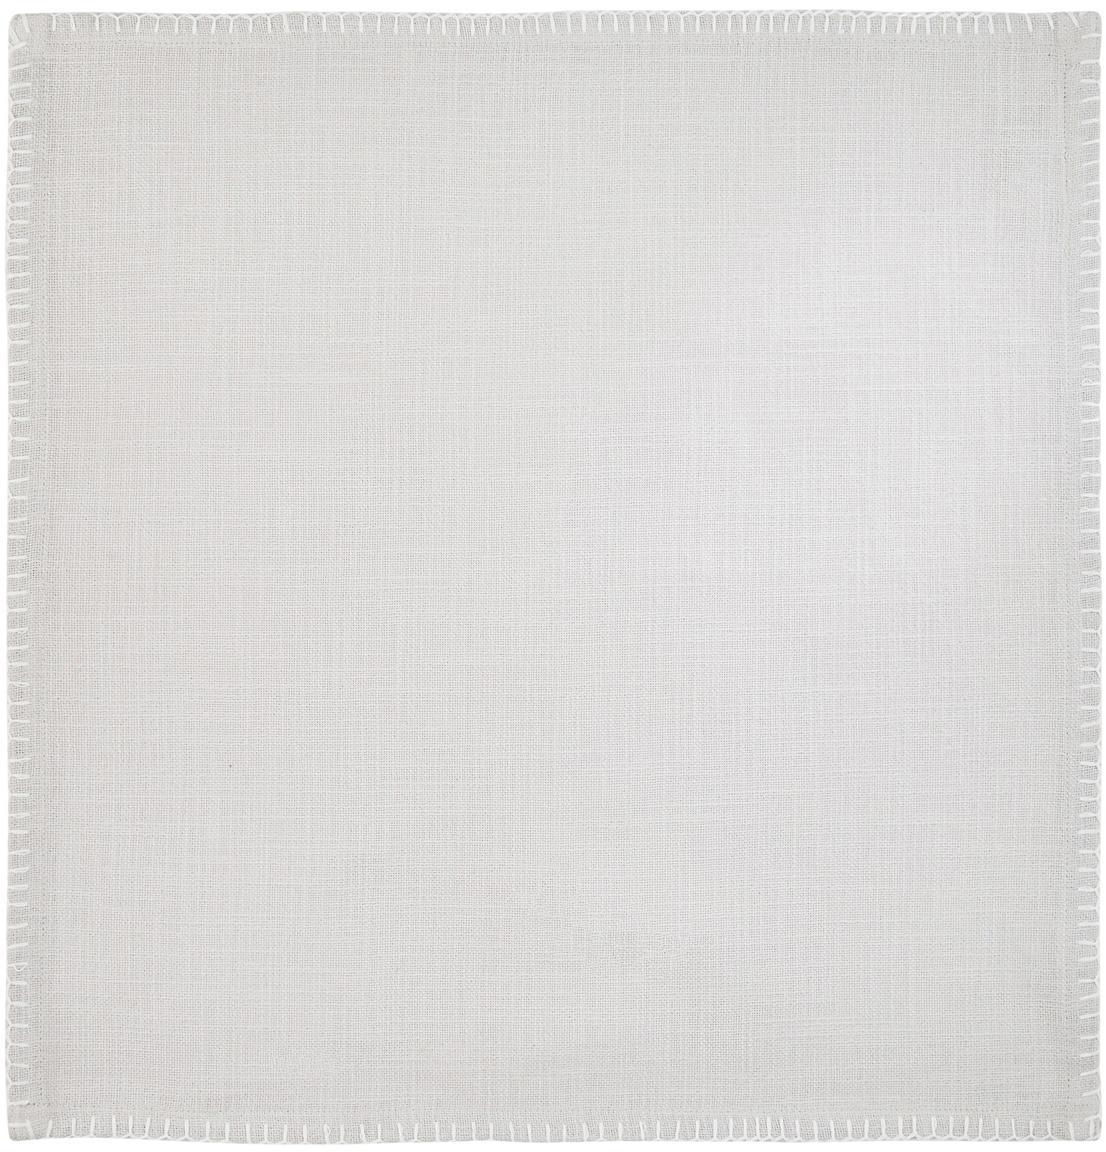 Baumwoll-Servietten Finca, 2 Stück, Baumwolle, Grau, 42 x 42 cm